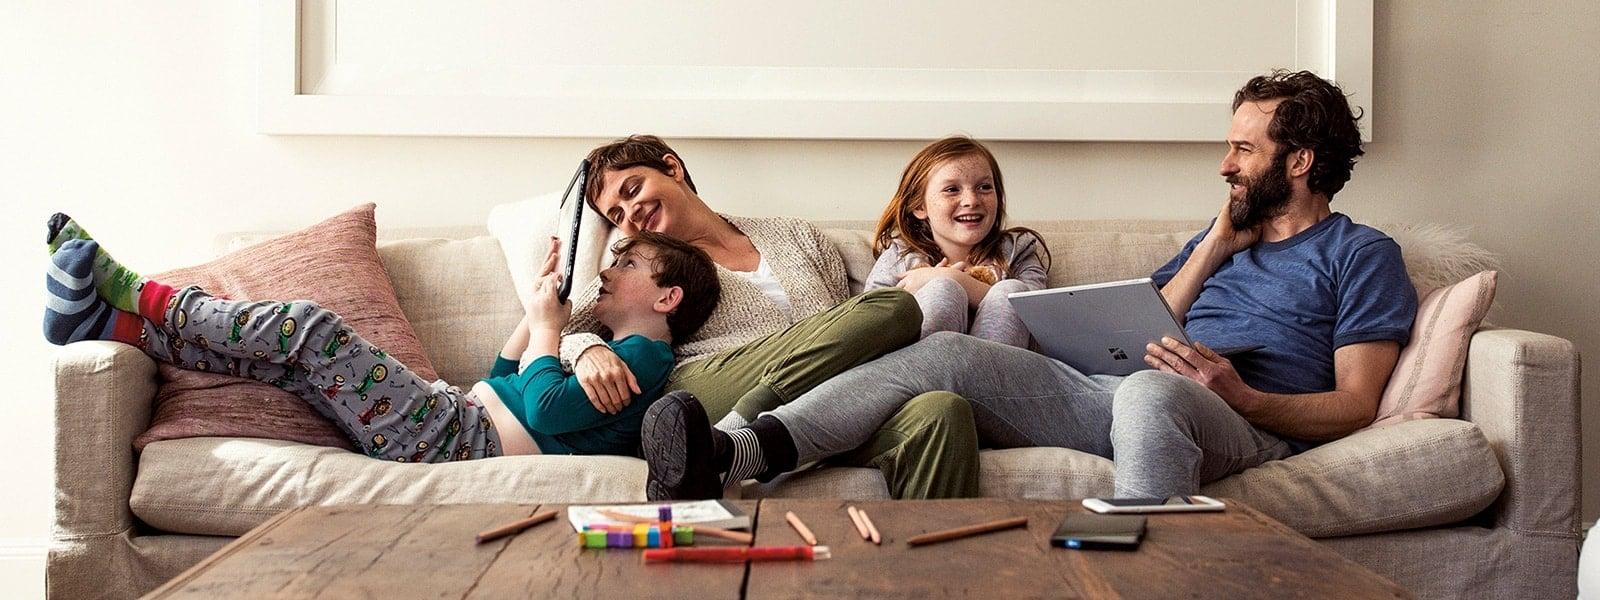 一家人躺在沙发上